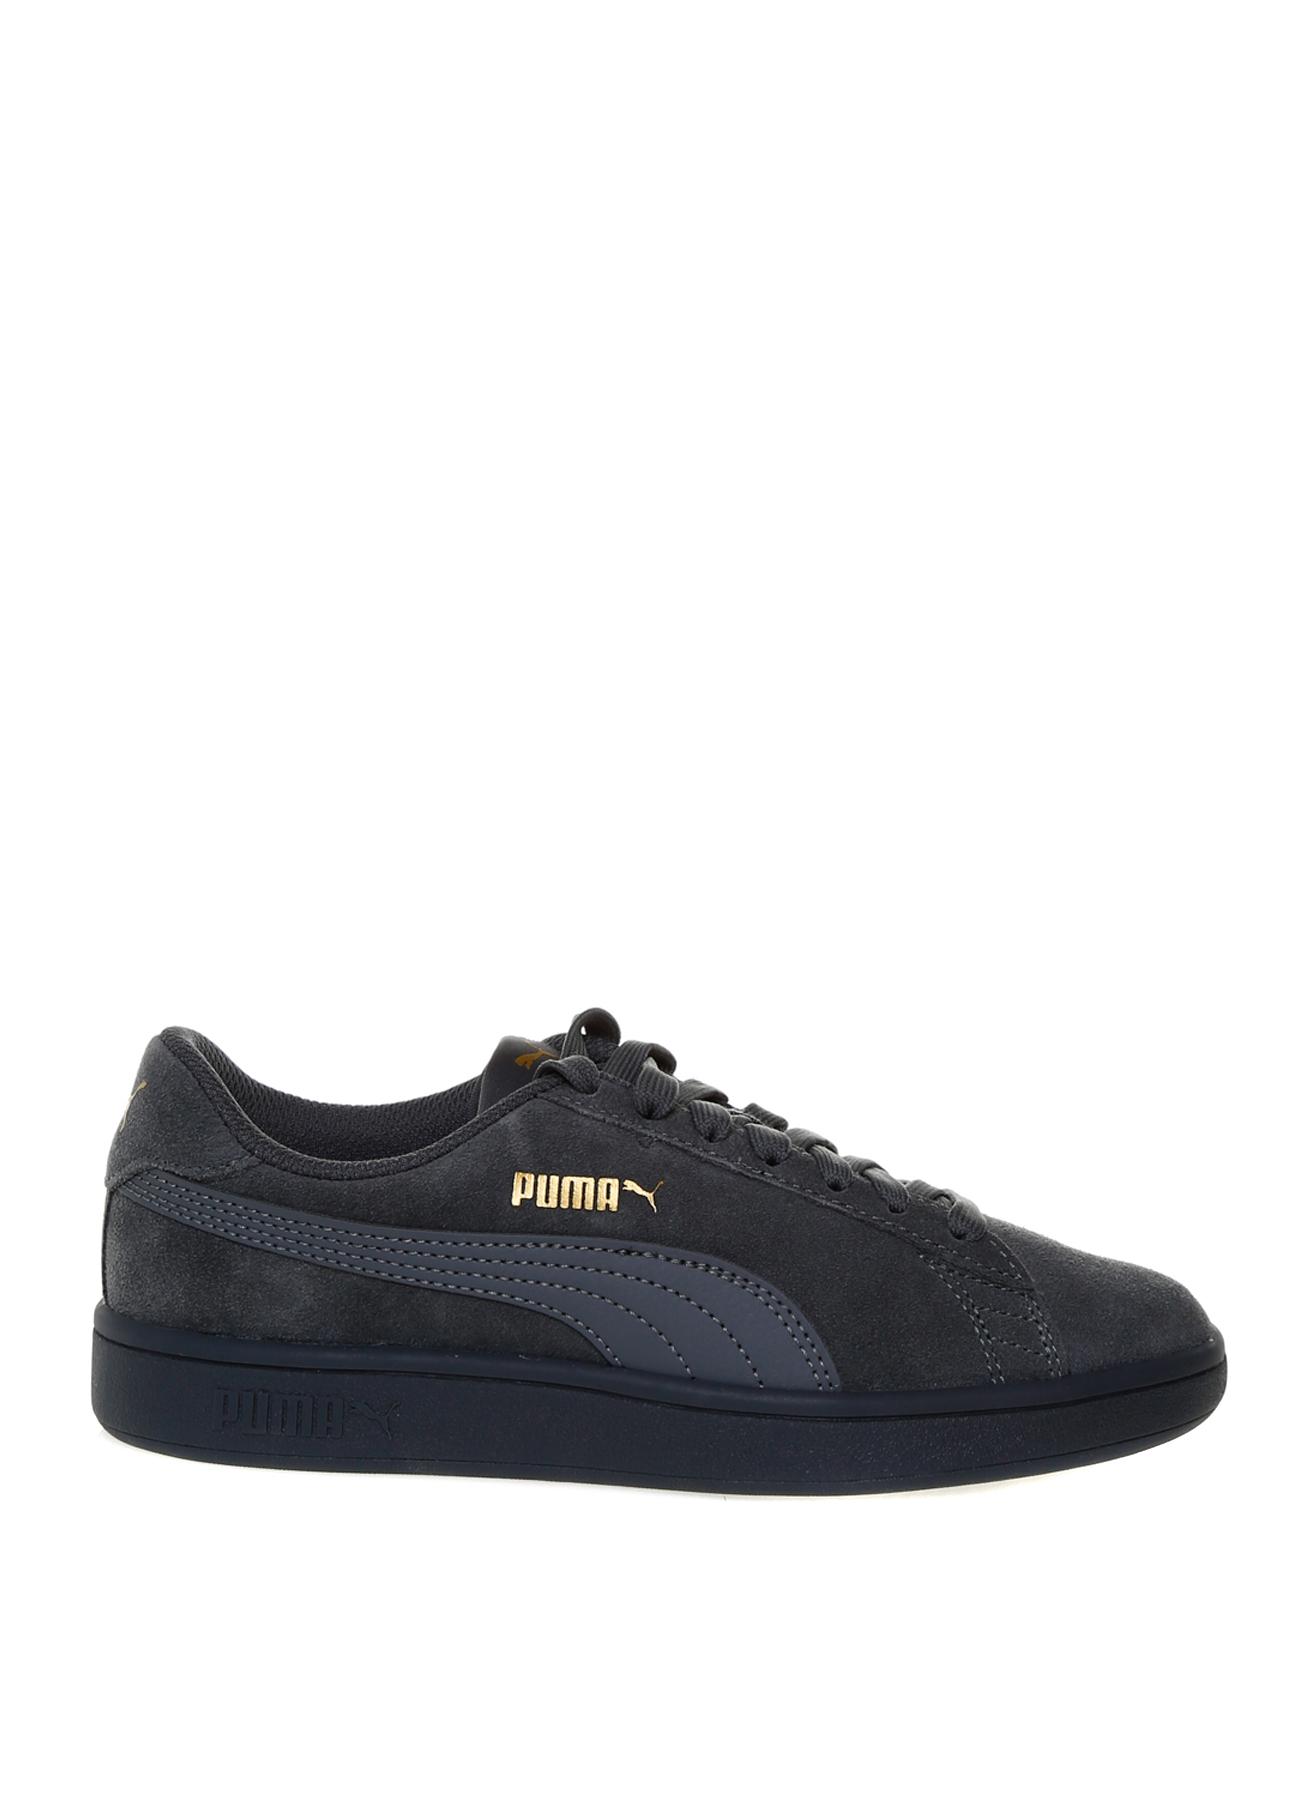 Puma Puma Smash v2 Lifestyle Ayakkabı 37 5001632609002 Ürün Resmi